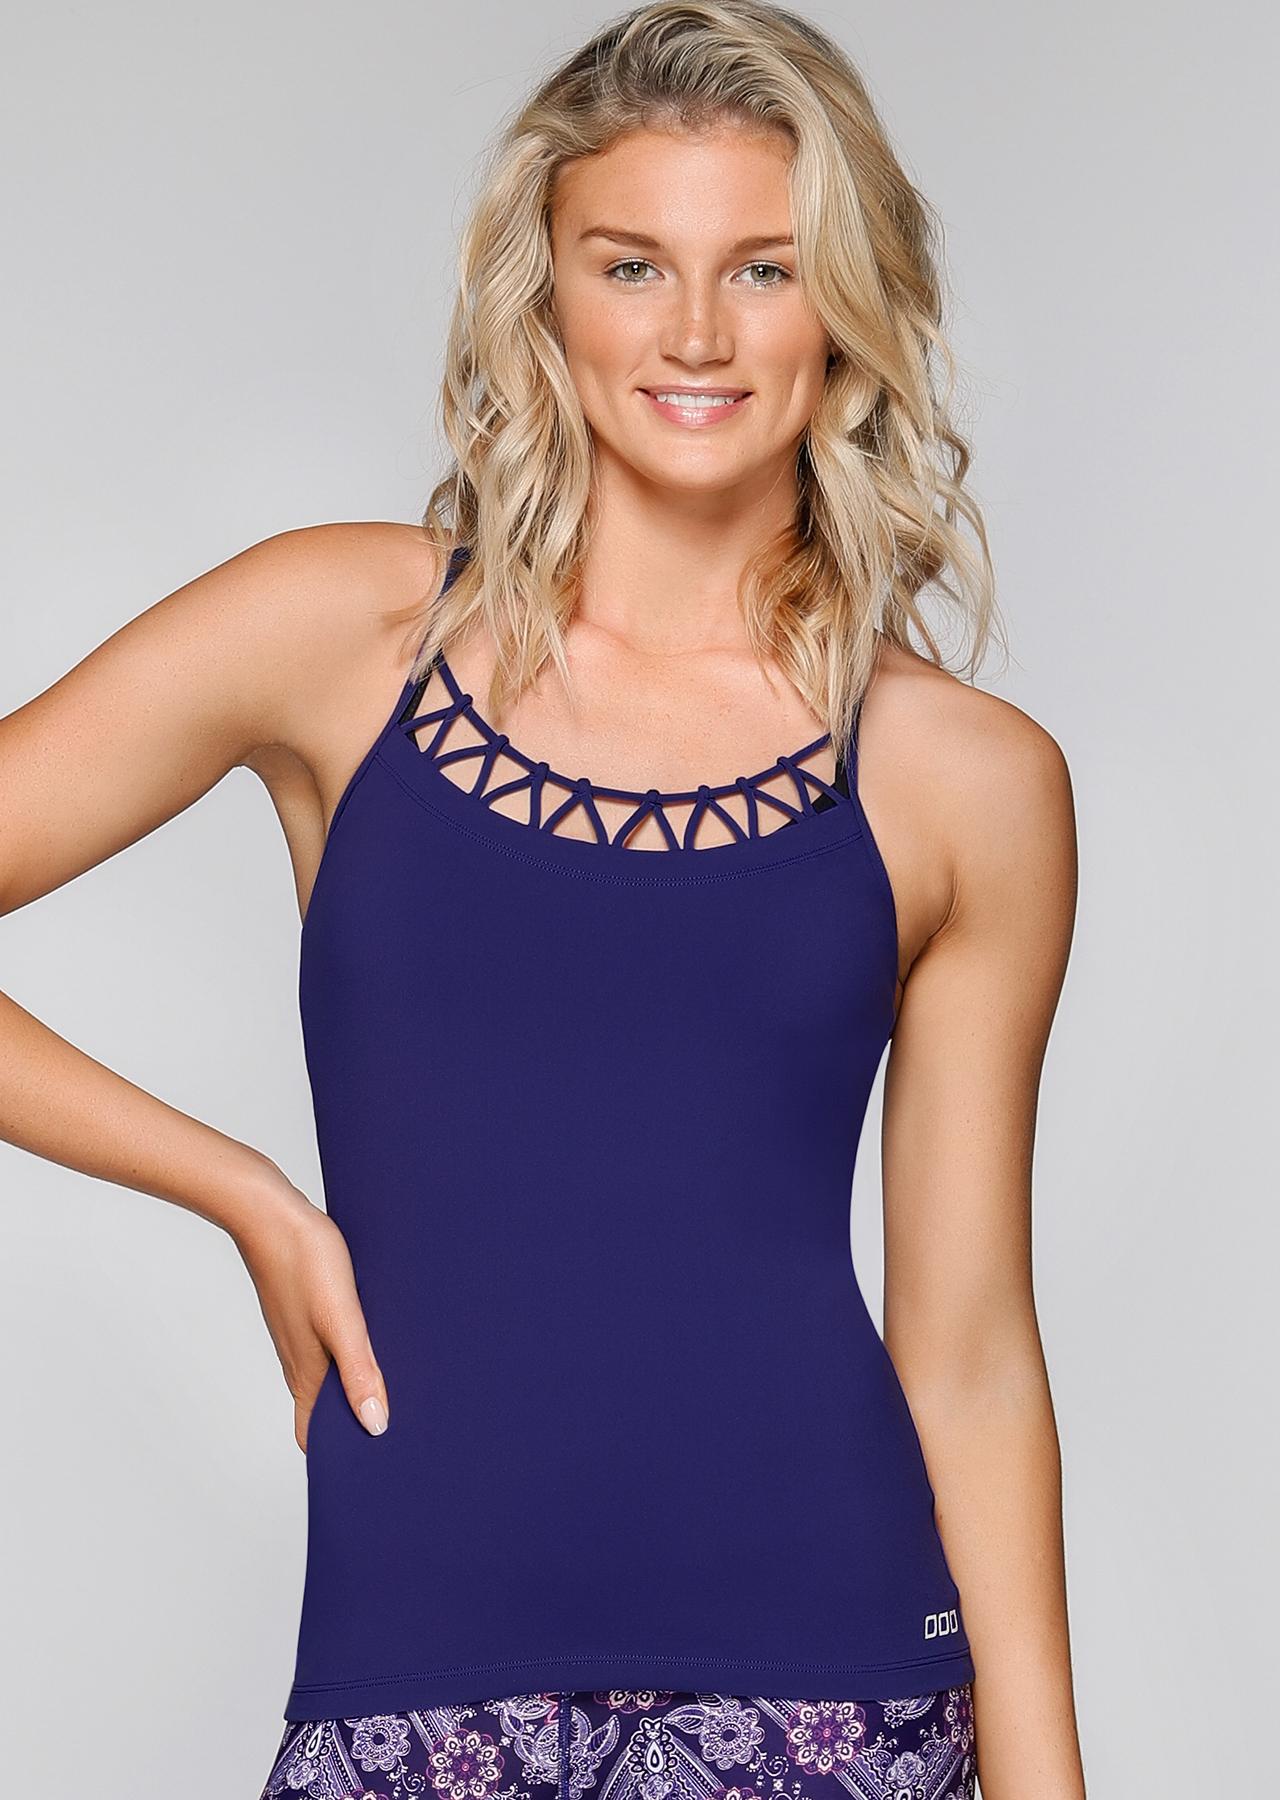 alexa excel tank purple 081712 dppl 1 - Sports & Fitness